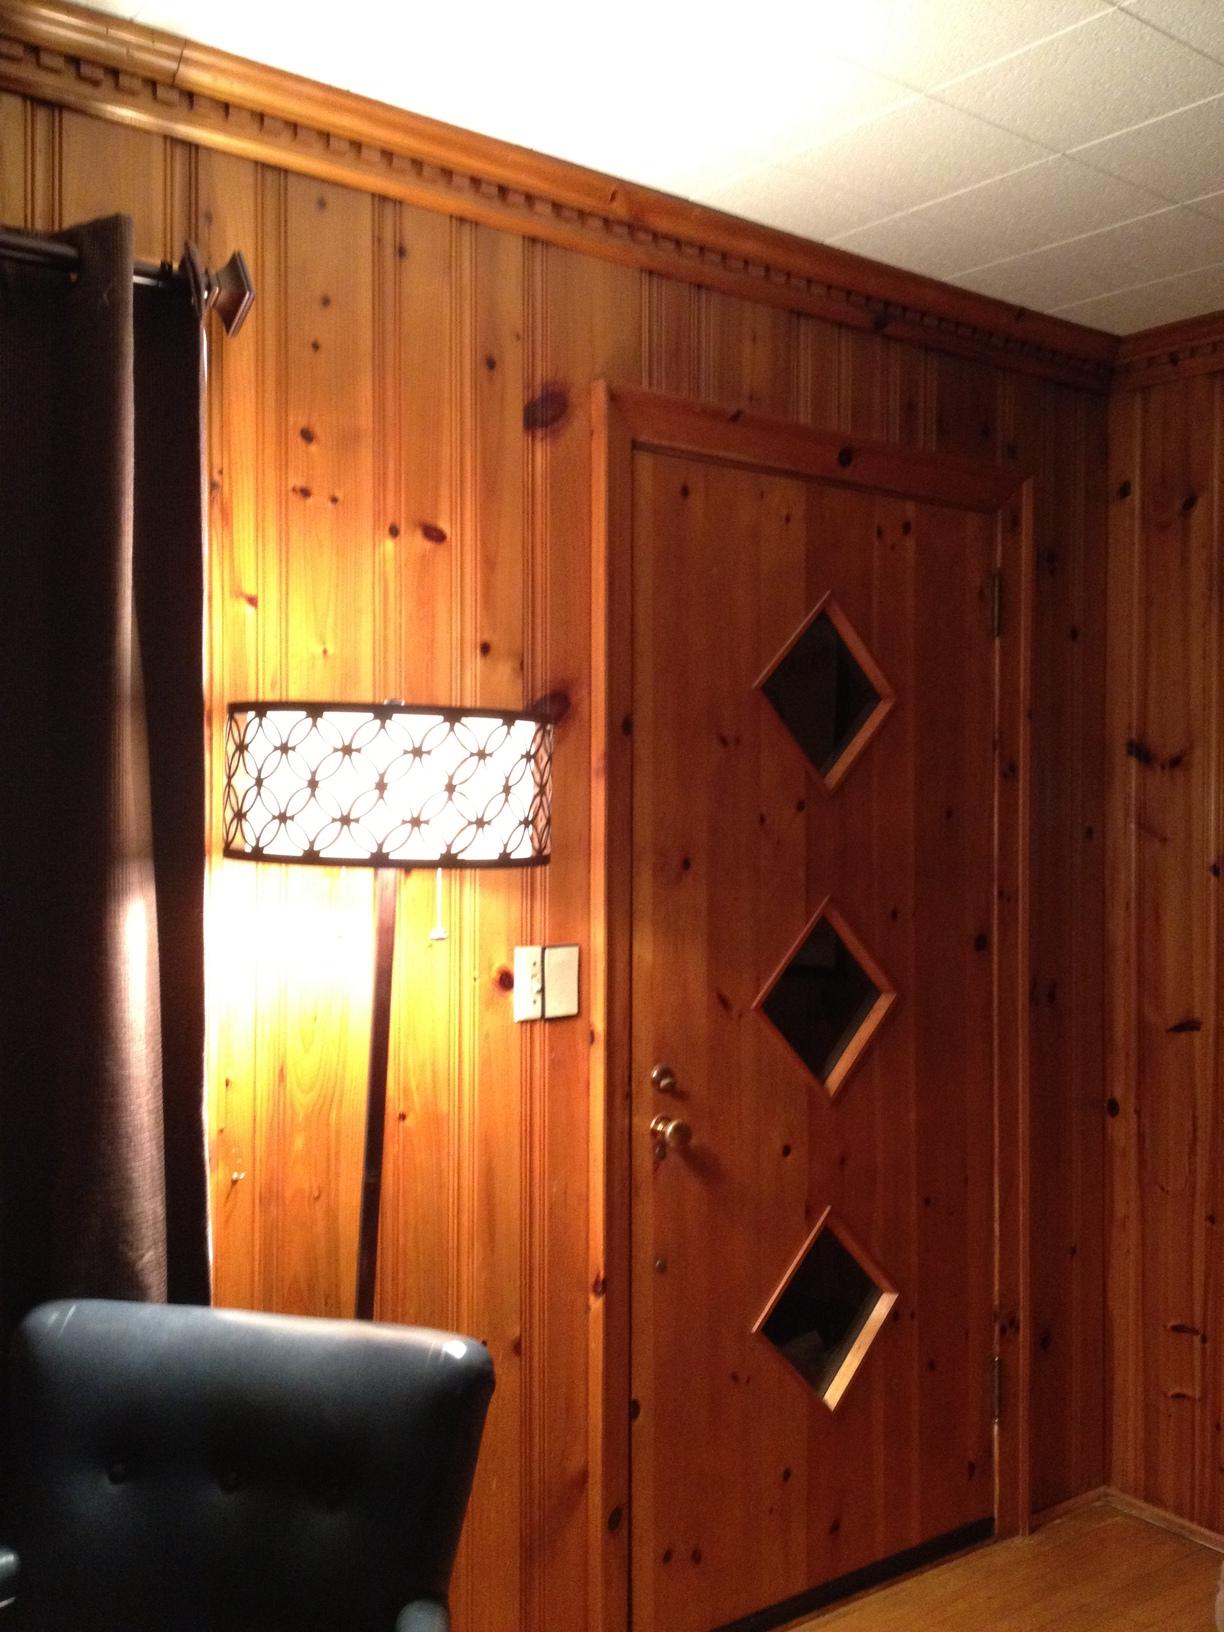 Knotty Pine Rooms: Furniture-2412-e7f72e5f4fd1bf5c1873b8e4567e517665d4812d